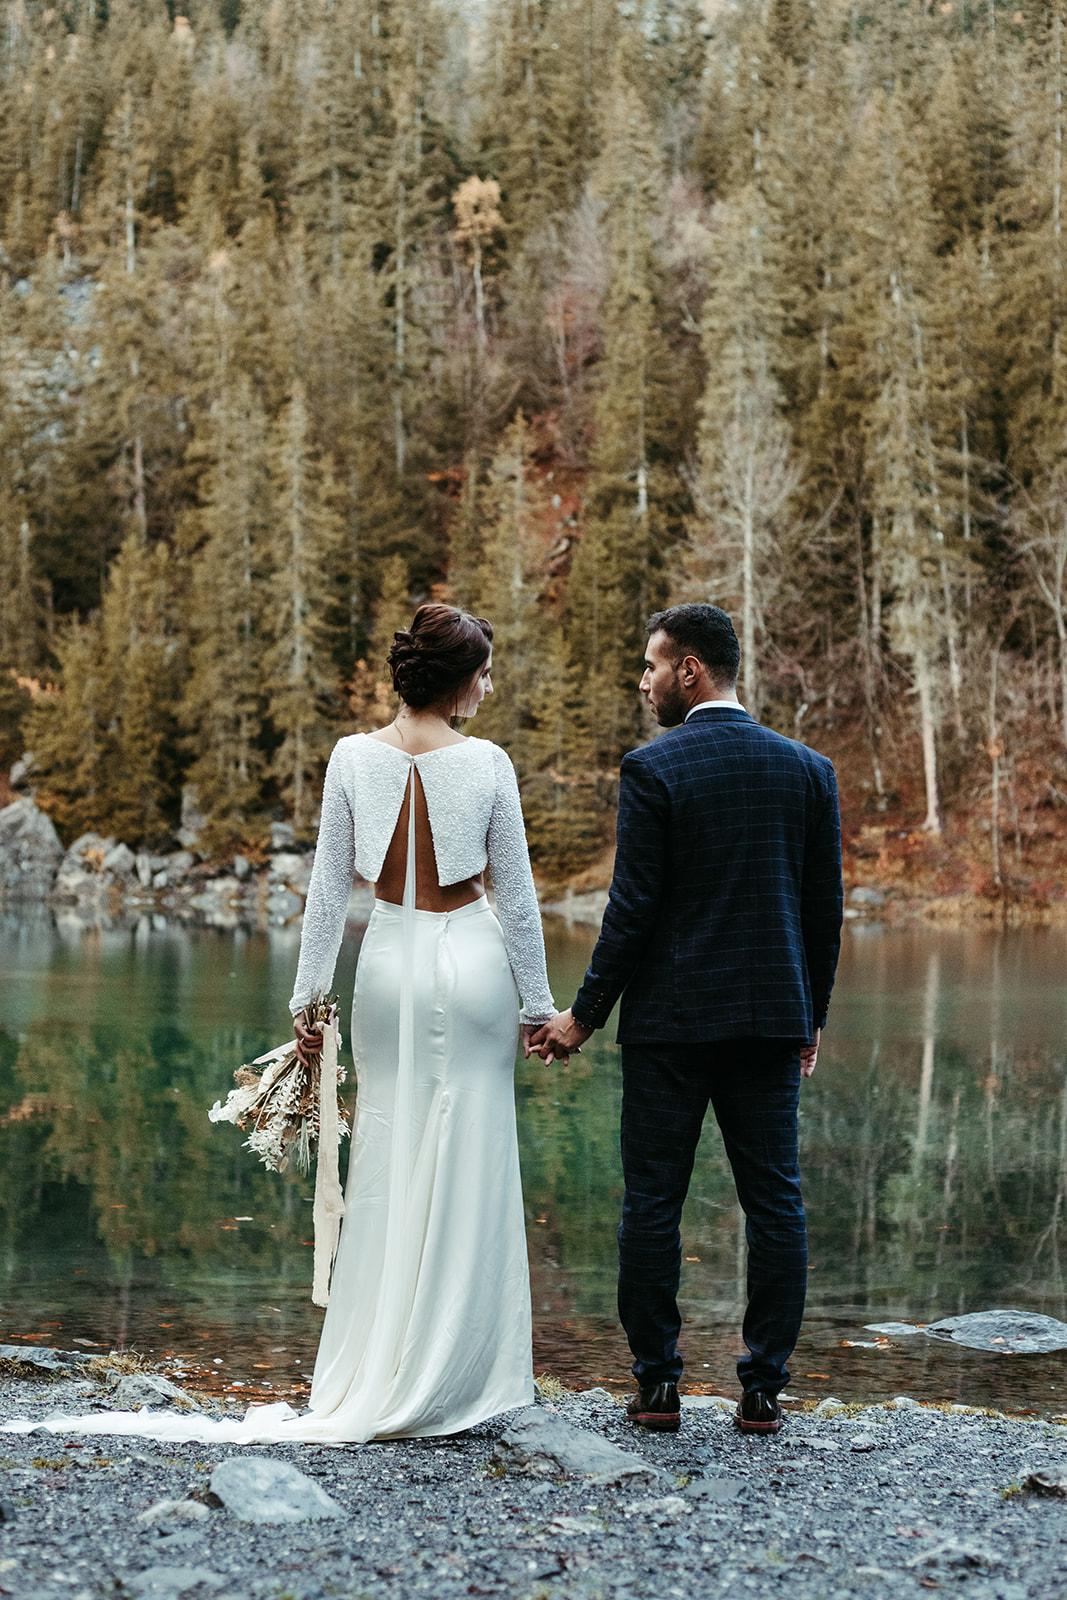 UtopicLovers film photo Mariage Elopement 2019 161 1 - Un elopement entre lac émeraude et forêt de sapins à Chamonix.